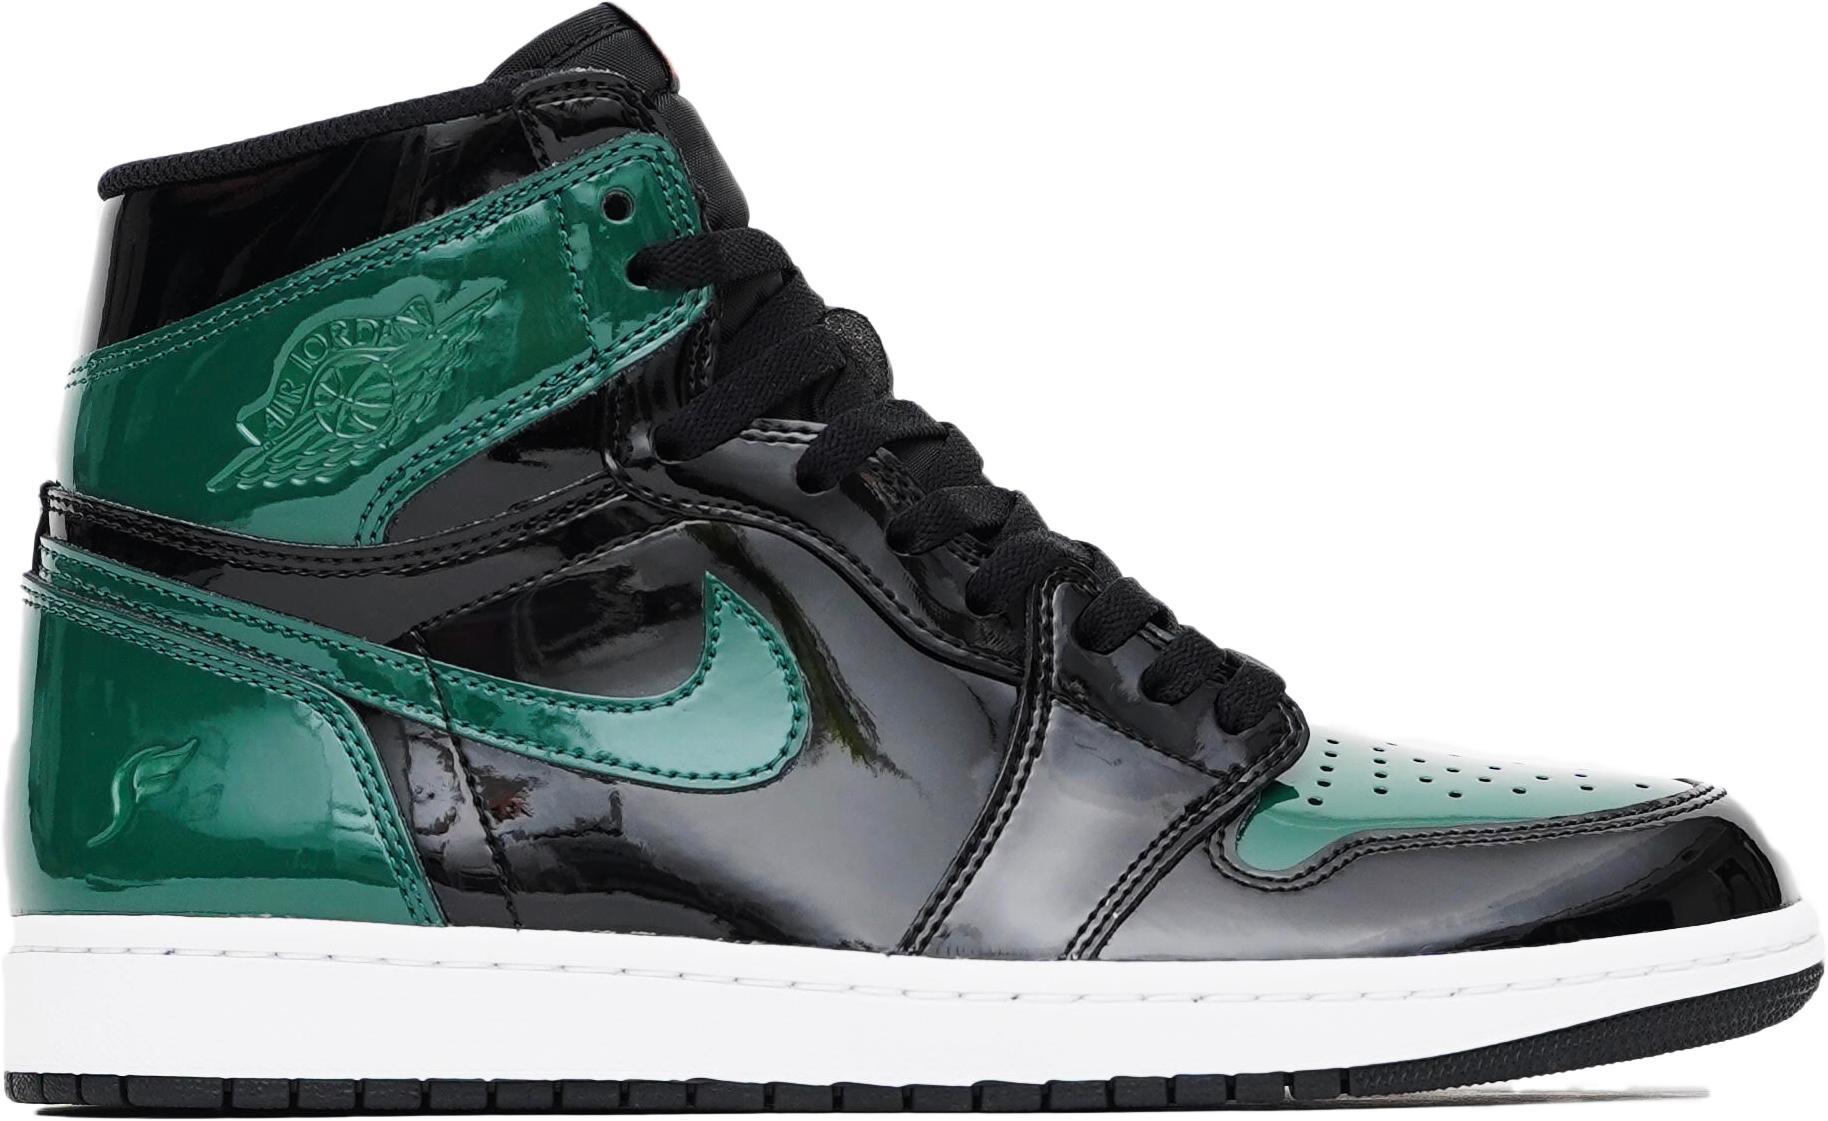 86de32111de9d0 Nike jordan retro high solefly art basel black novelship buy jpg 1828x1121  Jordan sneakers art